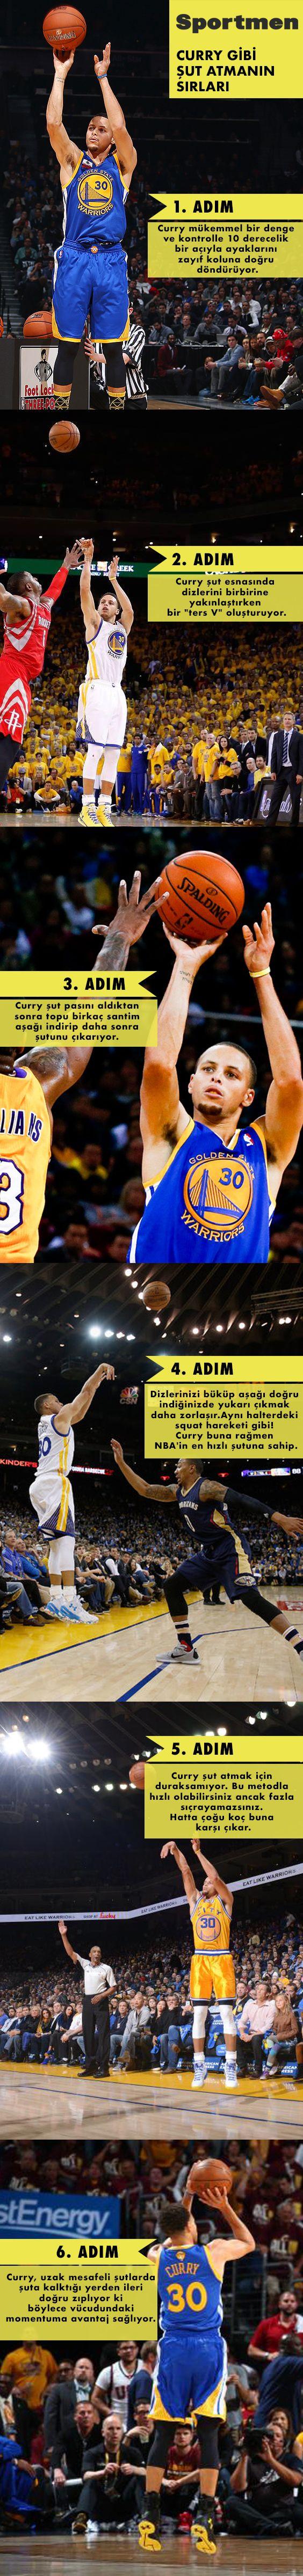 Şut stiliyle kuralları alt üst eden Stephen Curry'nin şut stiline yakından baktık ve O'nun gibi şut atmanın yollarını sıraladık;) #sportmen #basketbol #stephencurry #şut #nba